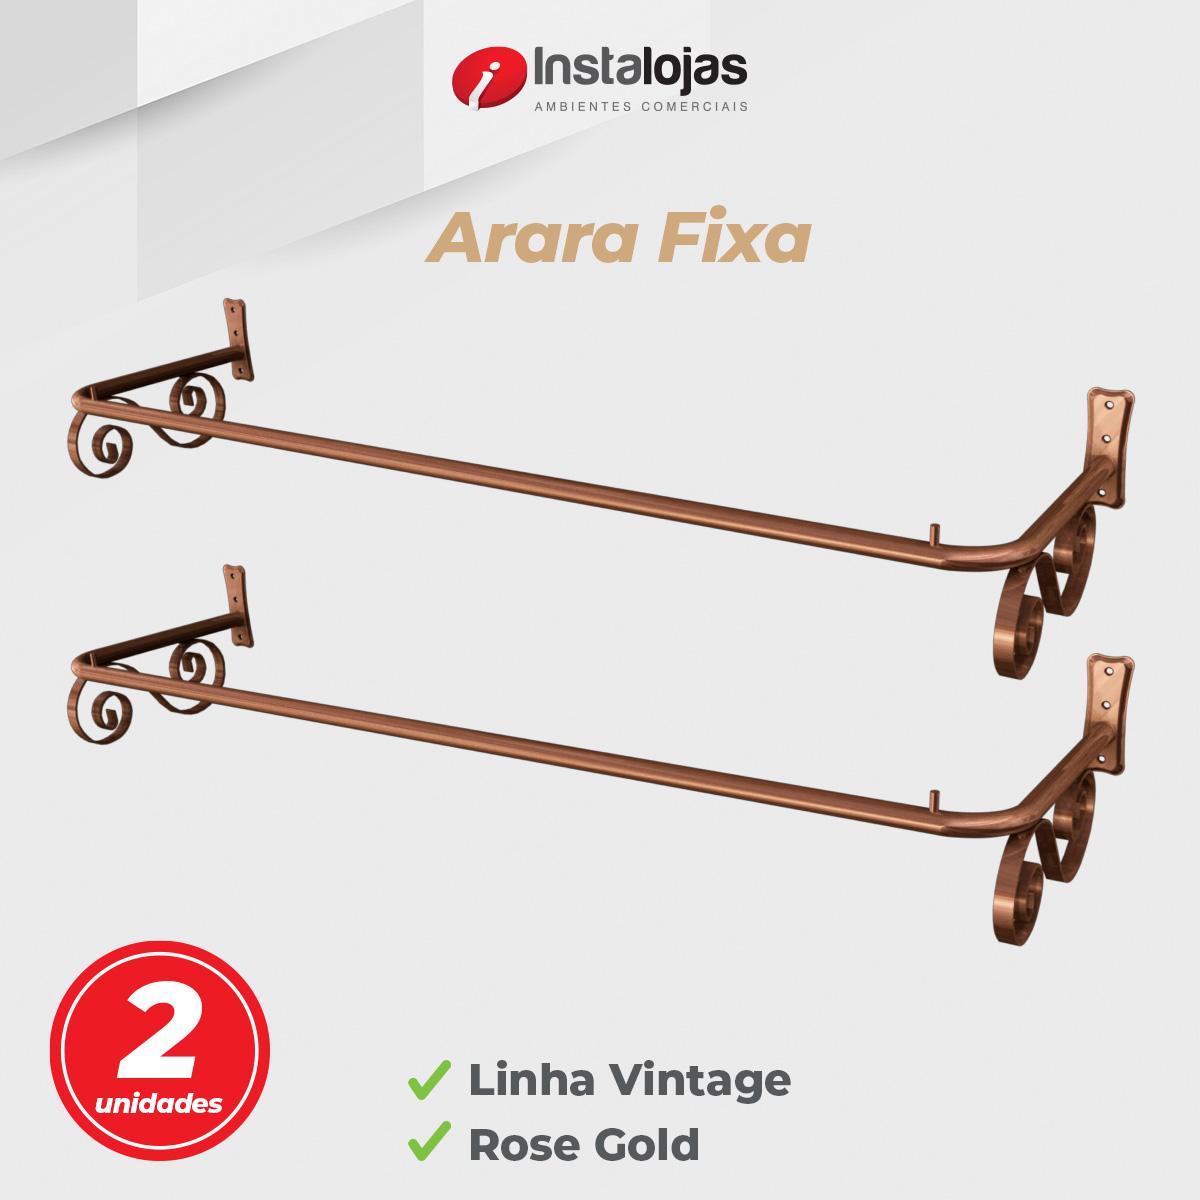 Kit Arara Fixa de Parede 1,00mt Vintage Rosé Gold - 2 Unidades